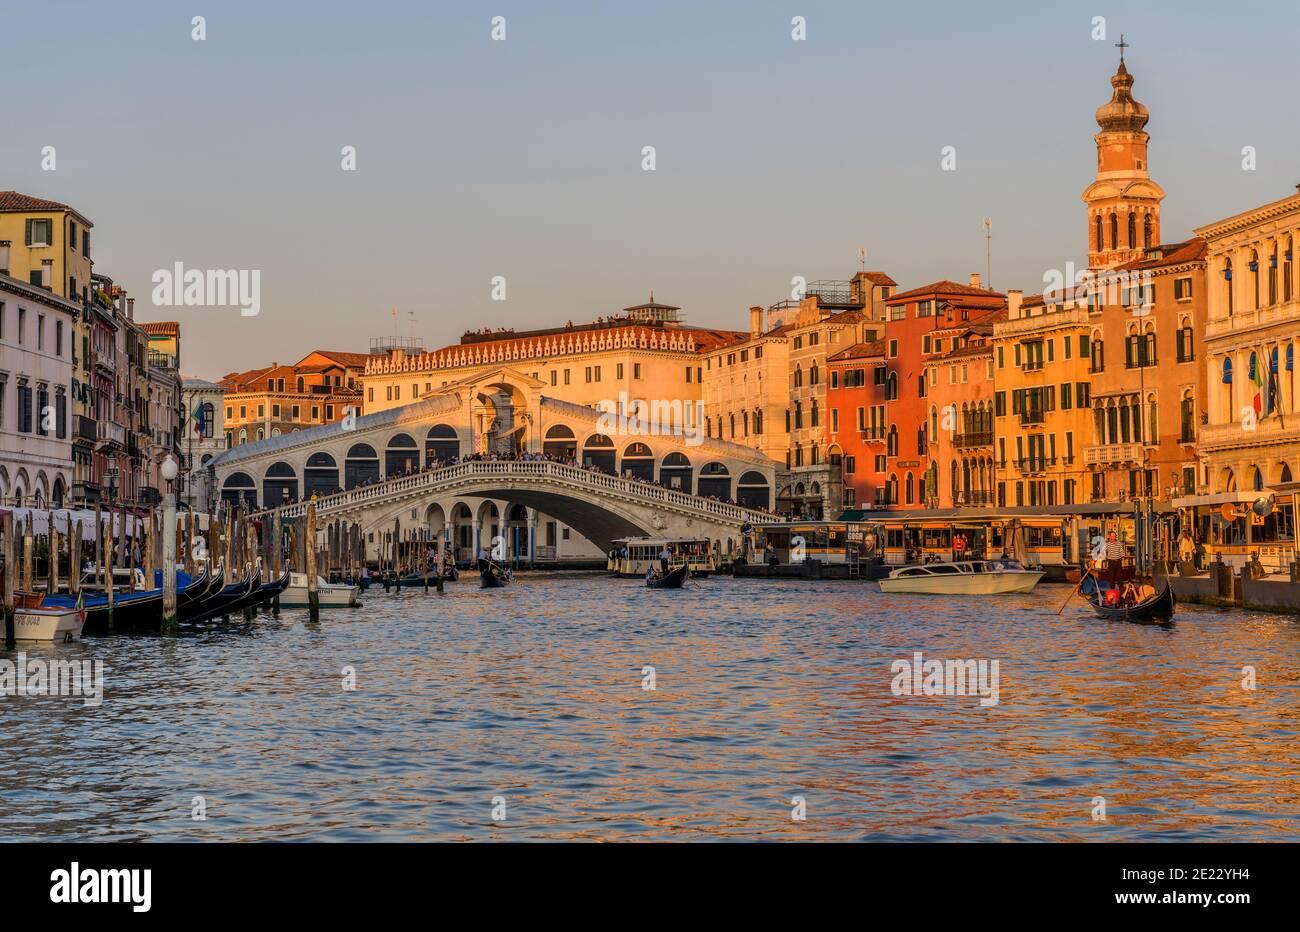 Tramonto Ponte di Rialto - una colorata vista del tramonto sul Canal Grande al Ponte di Rialto. Venezia, Veneto, Italia. Foto Stock